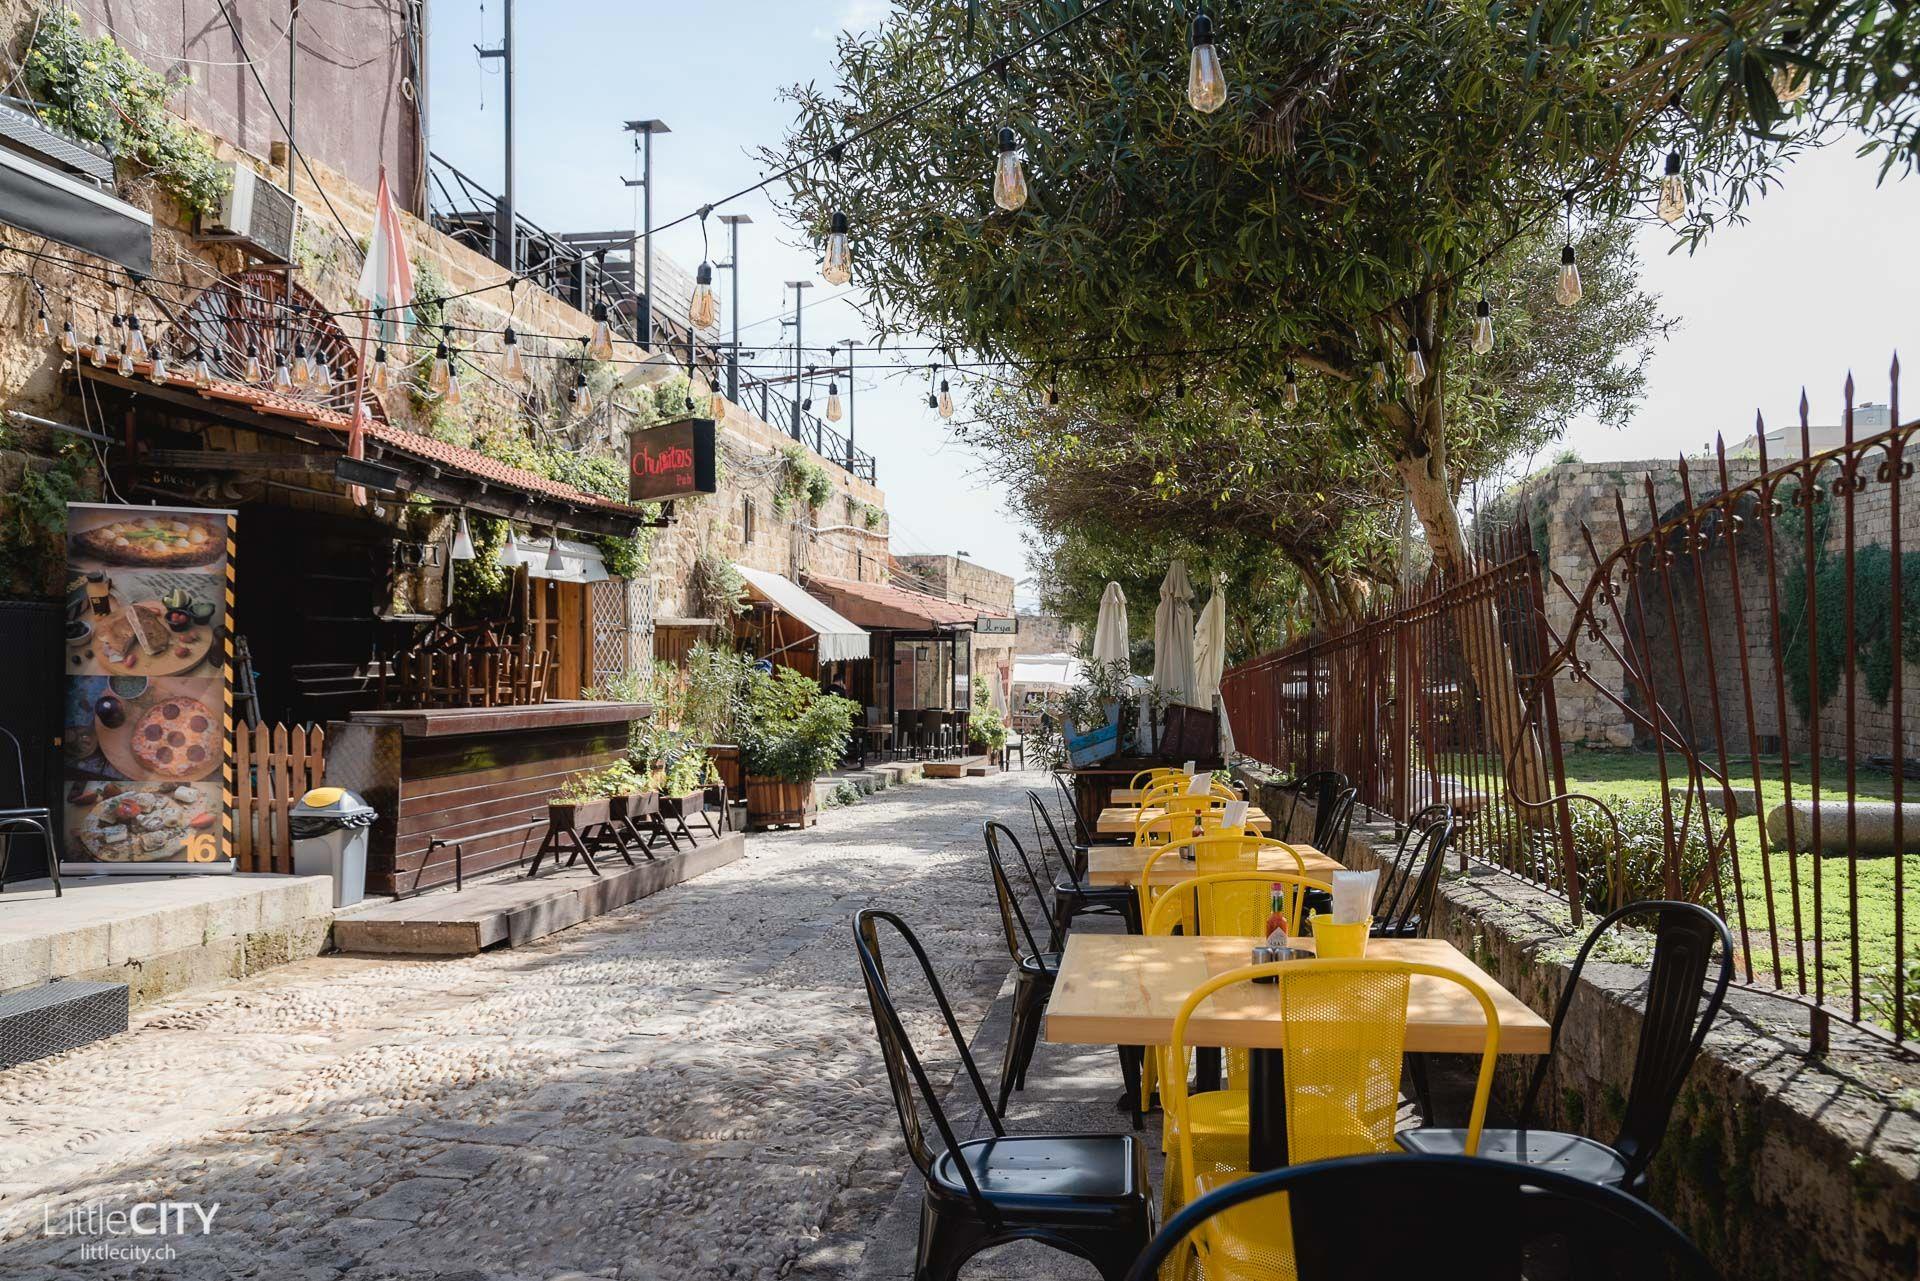 Antike Stadt Byblos In Libanon Wir Verraten Euch Die Besten Reisetipps Reisen Libanon Reisetipps